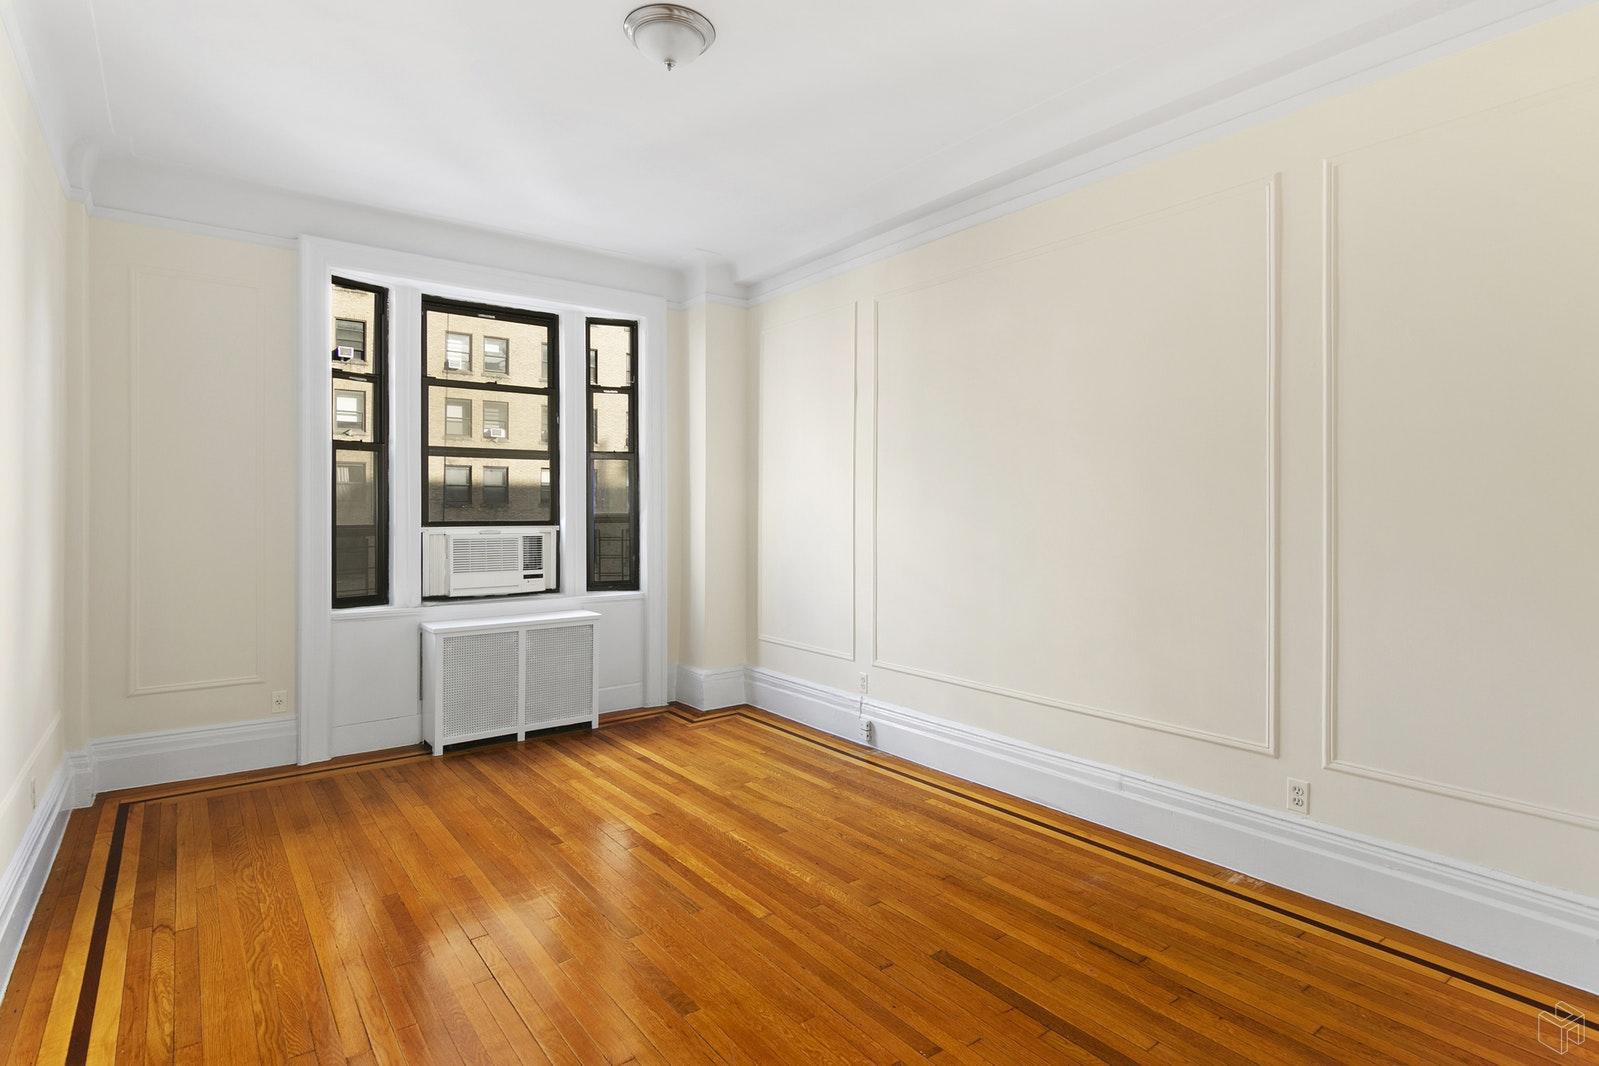 260 WEST 72ND STREET 8A, Upper West Side, $5,750, Web #: 19195430